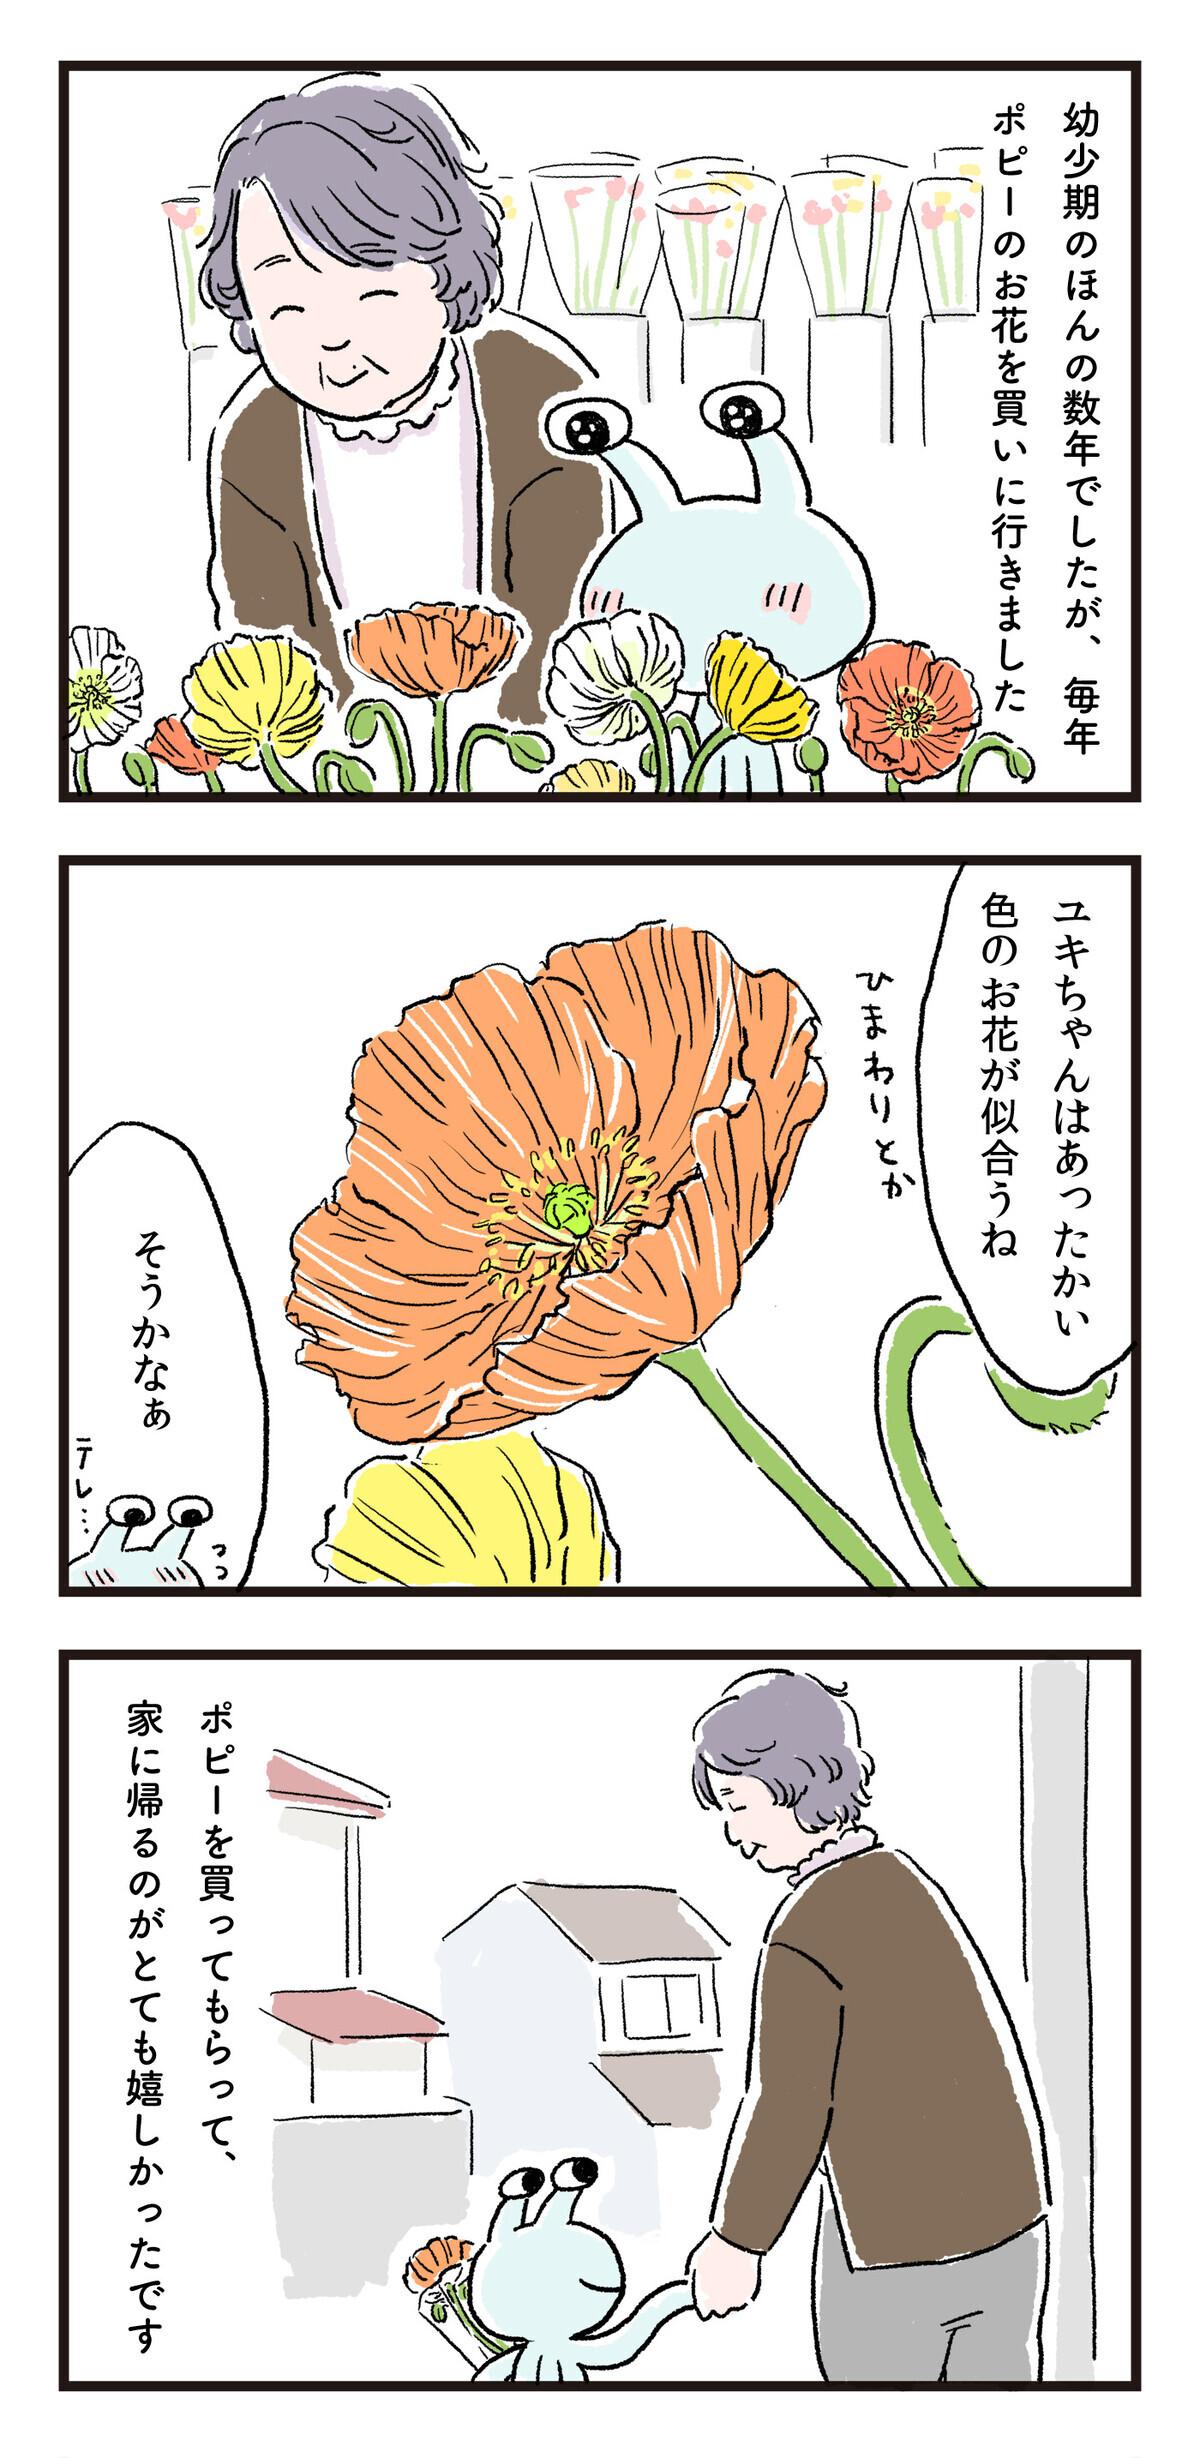 誕生日がお正月の私が 母になって思うこと【エイリアン育児日誌 Vol.11】